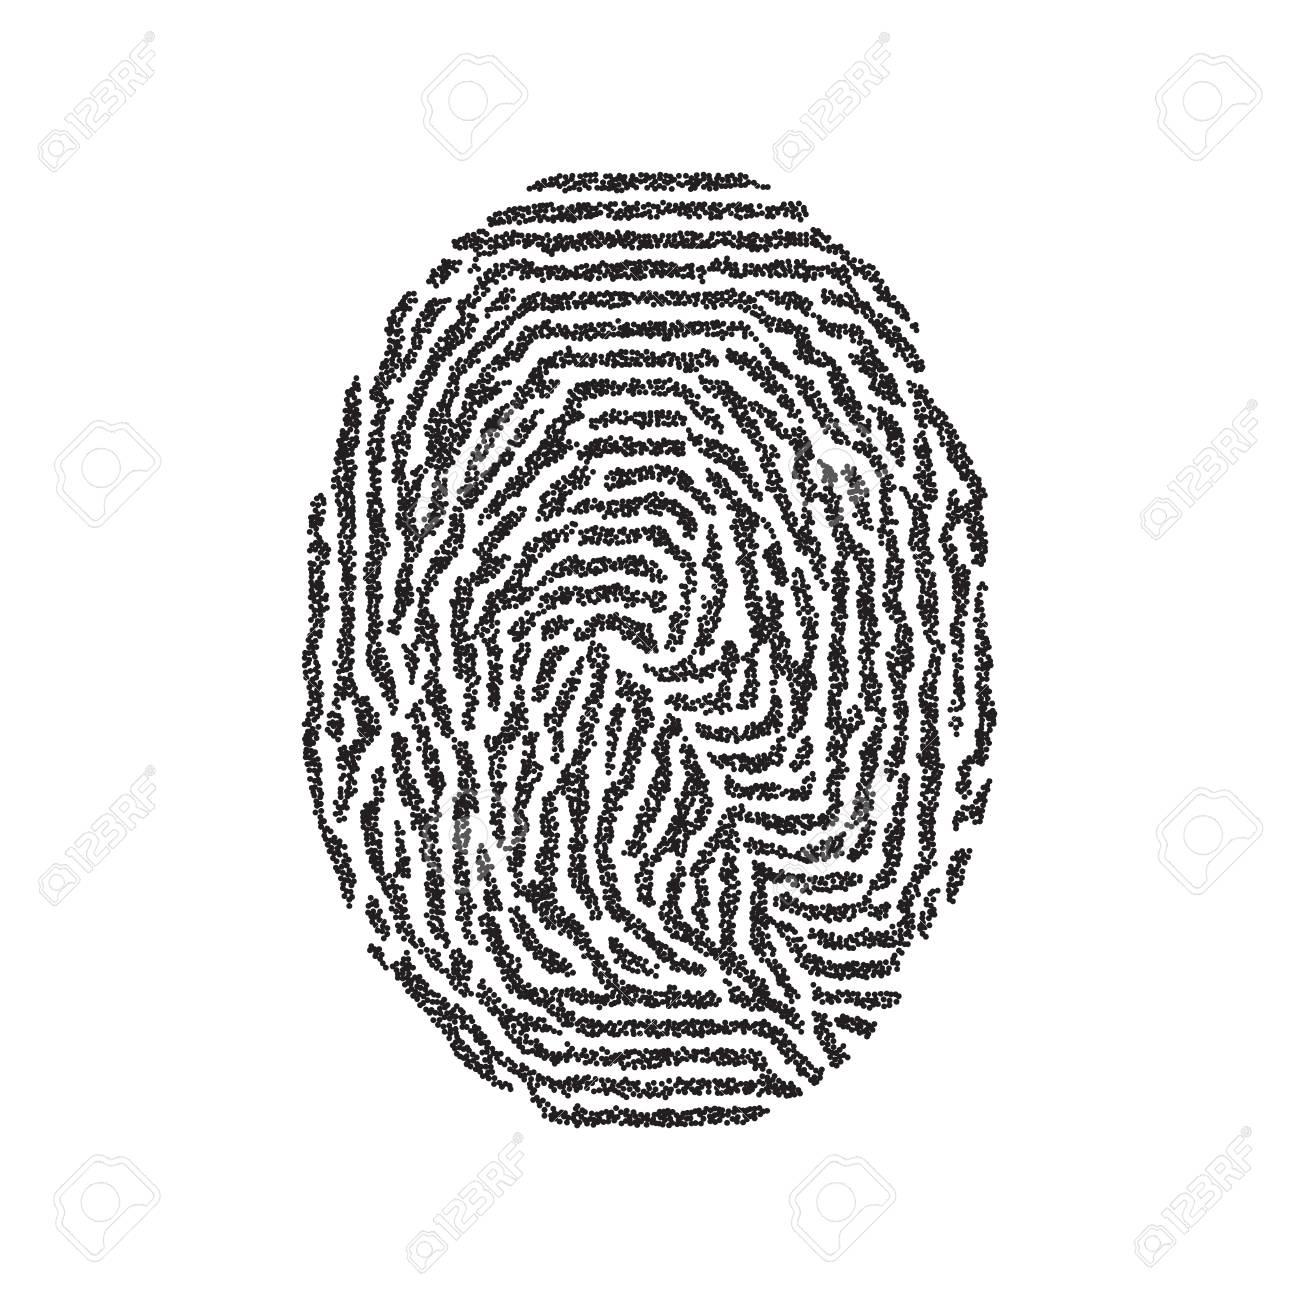 Cool Bild Fingerabdruck Das Beste Von Fingerabdruck. Vector Isoliert Schwarz Auf Weißem Hintergrund